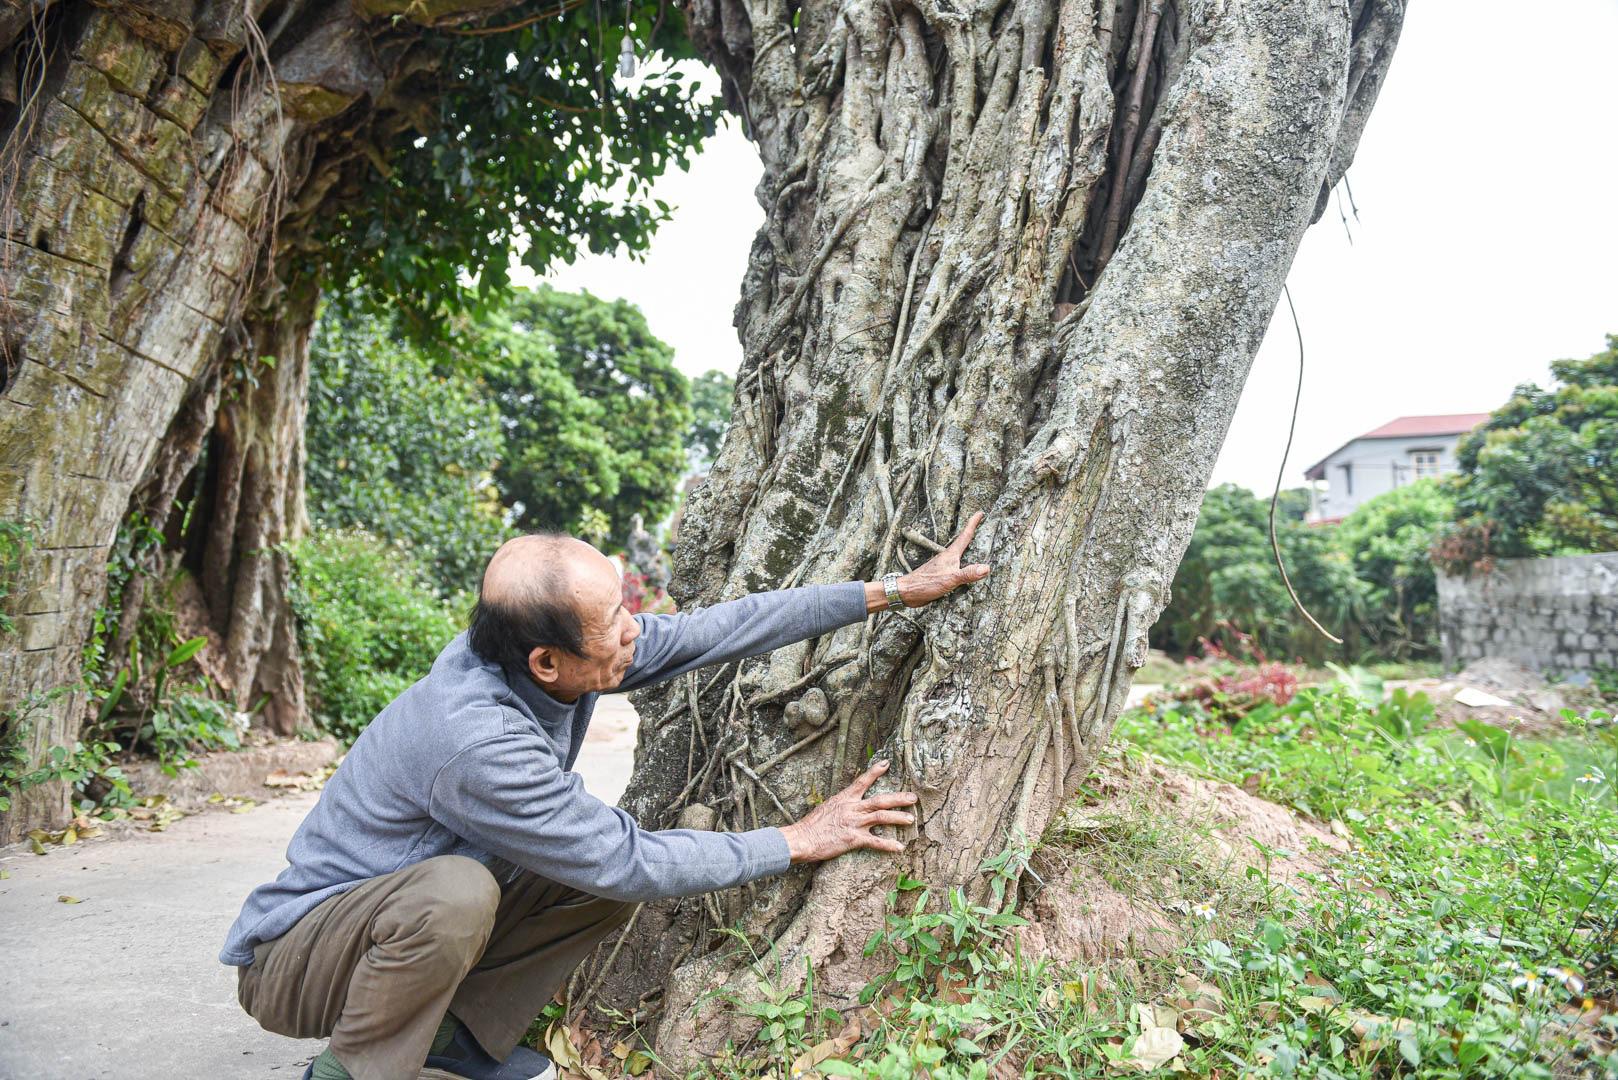 """Cây đa 500 tuổi có bộ rễ khủng tạo thành cổng làng """"độc"""" nhất ở Hưng Yên - Ảnh 3."""